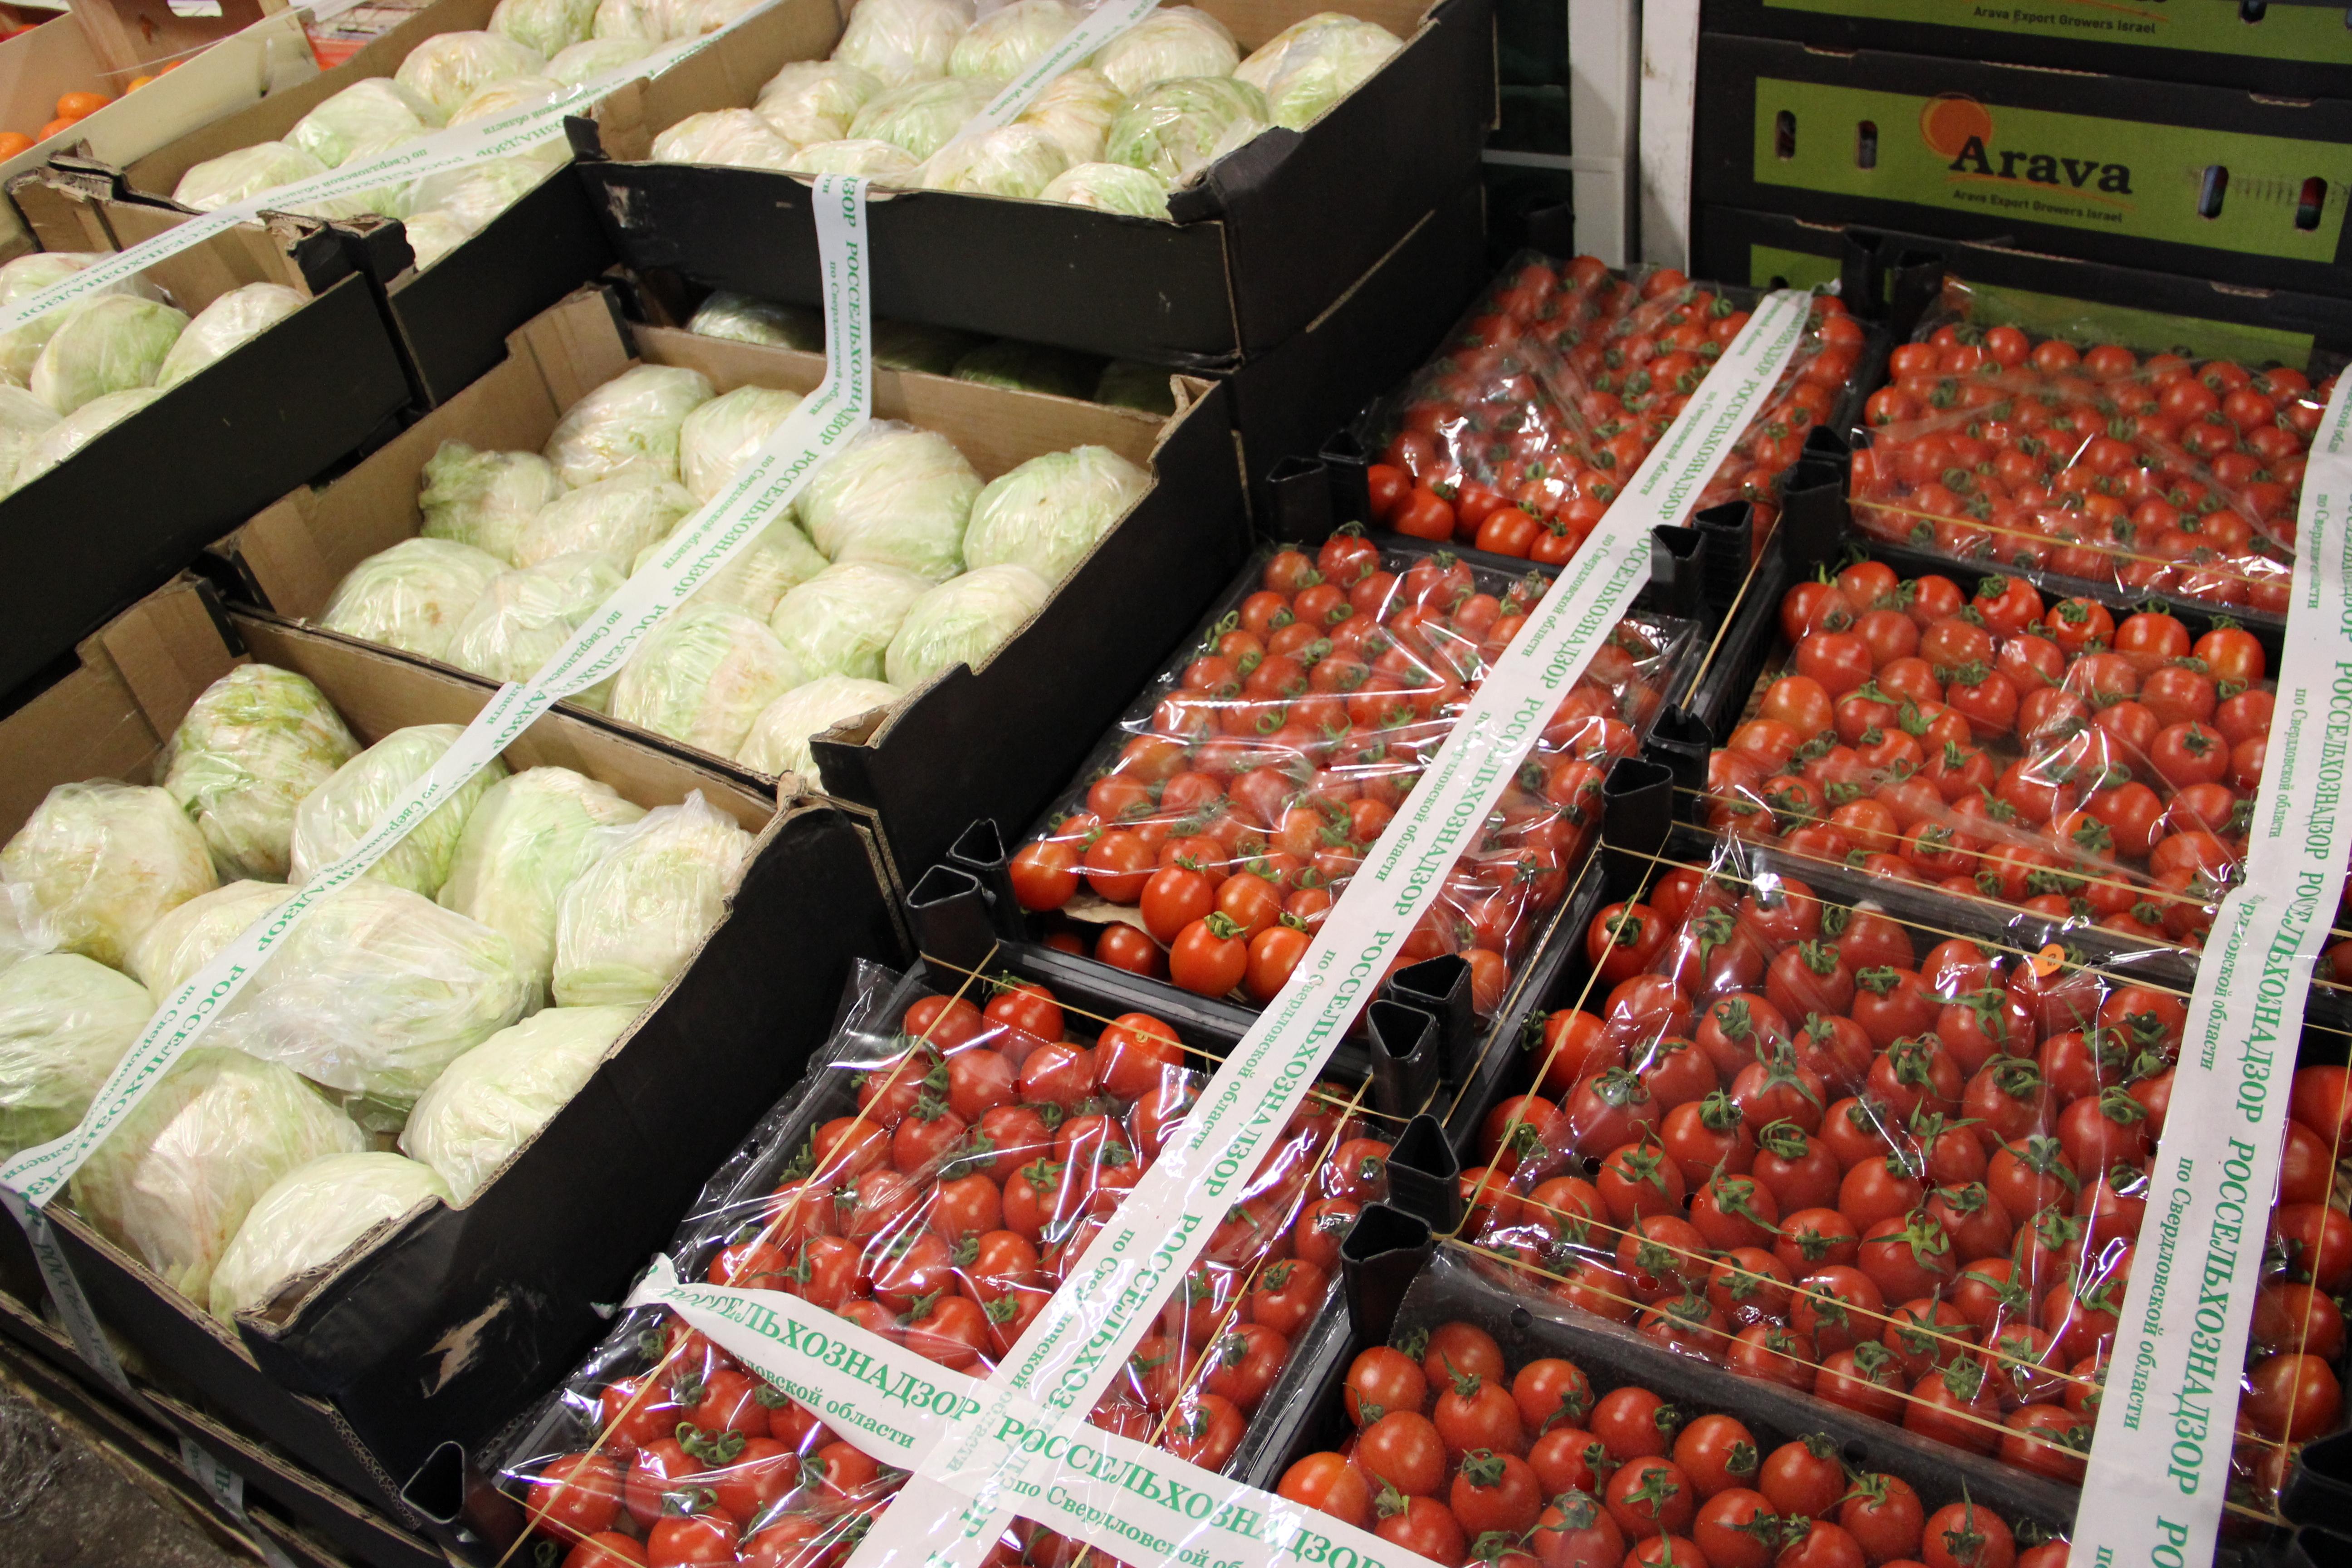 ВСаратове уничтожили тонну турецких помидоров, ввезенных из Республики Беларусь